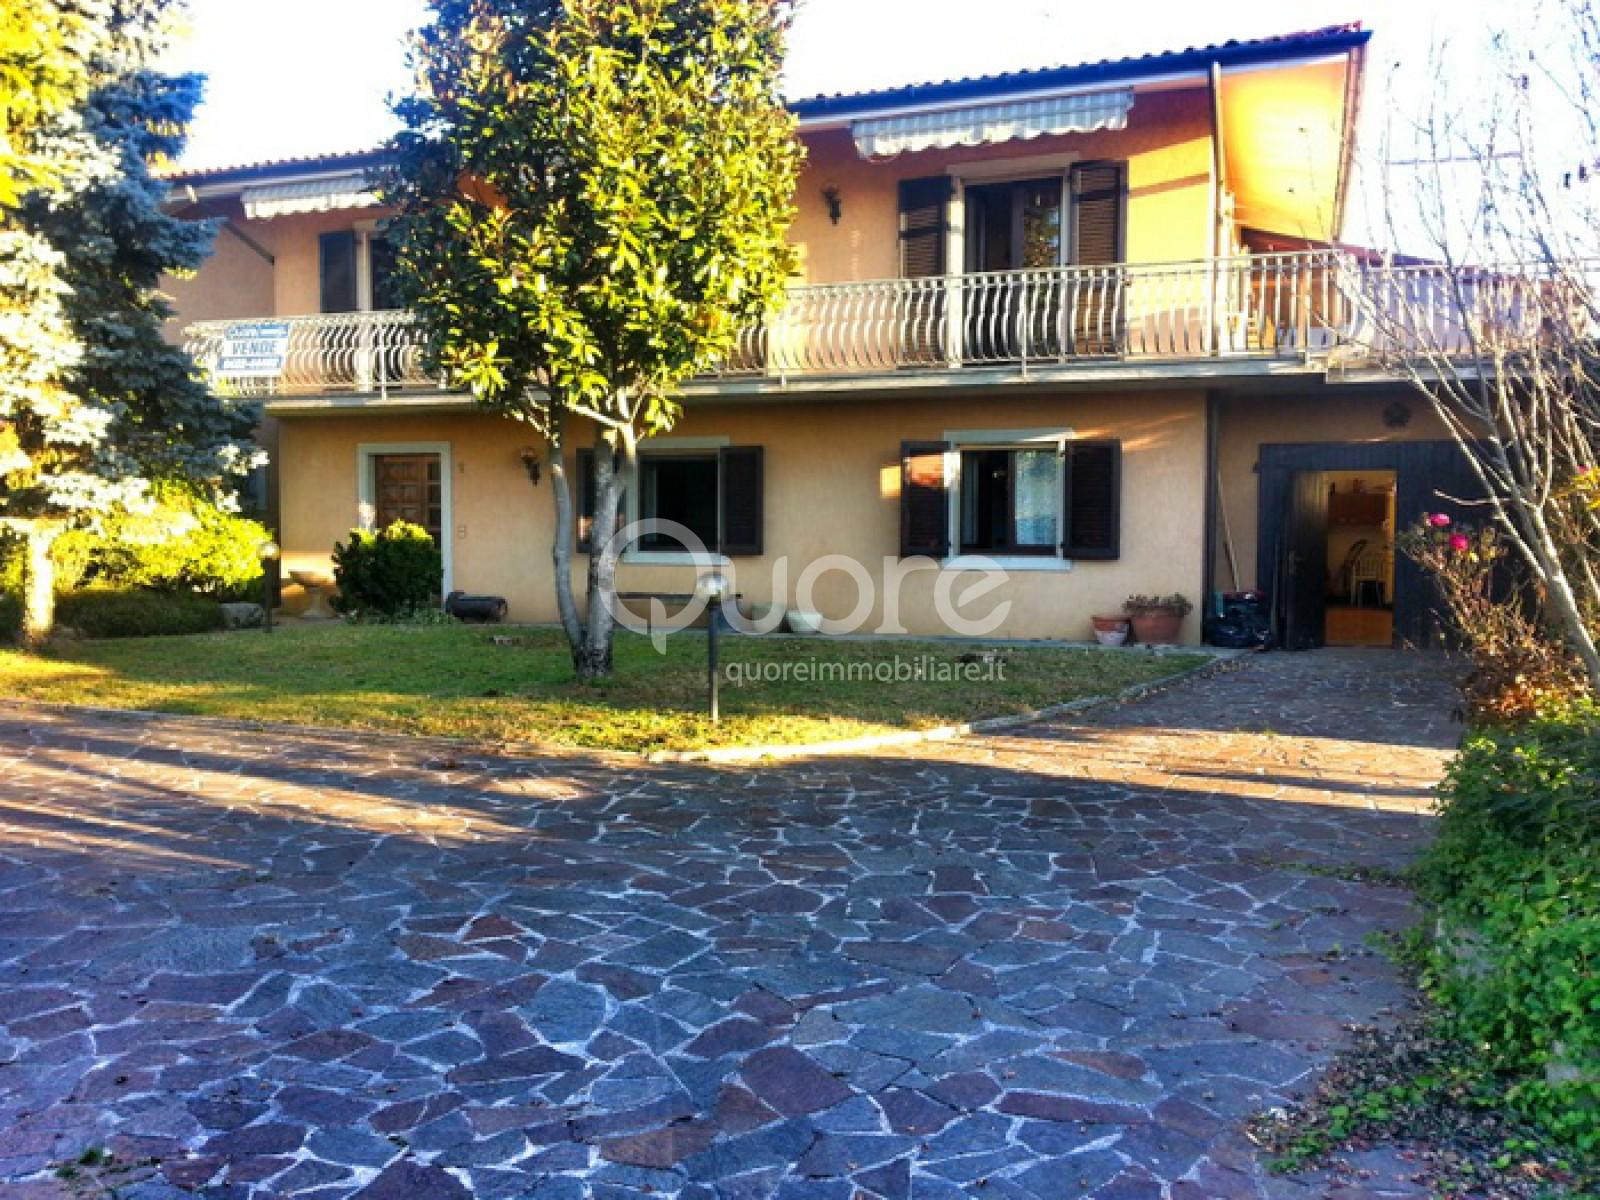 Villa in vendita a Colloredo di Monte Albano, 8 locali, prezzo € 250.000 | CambioCasa.it